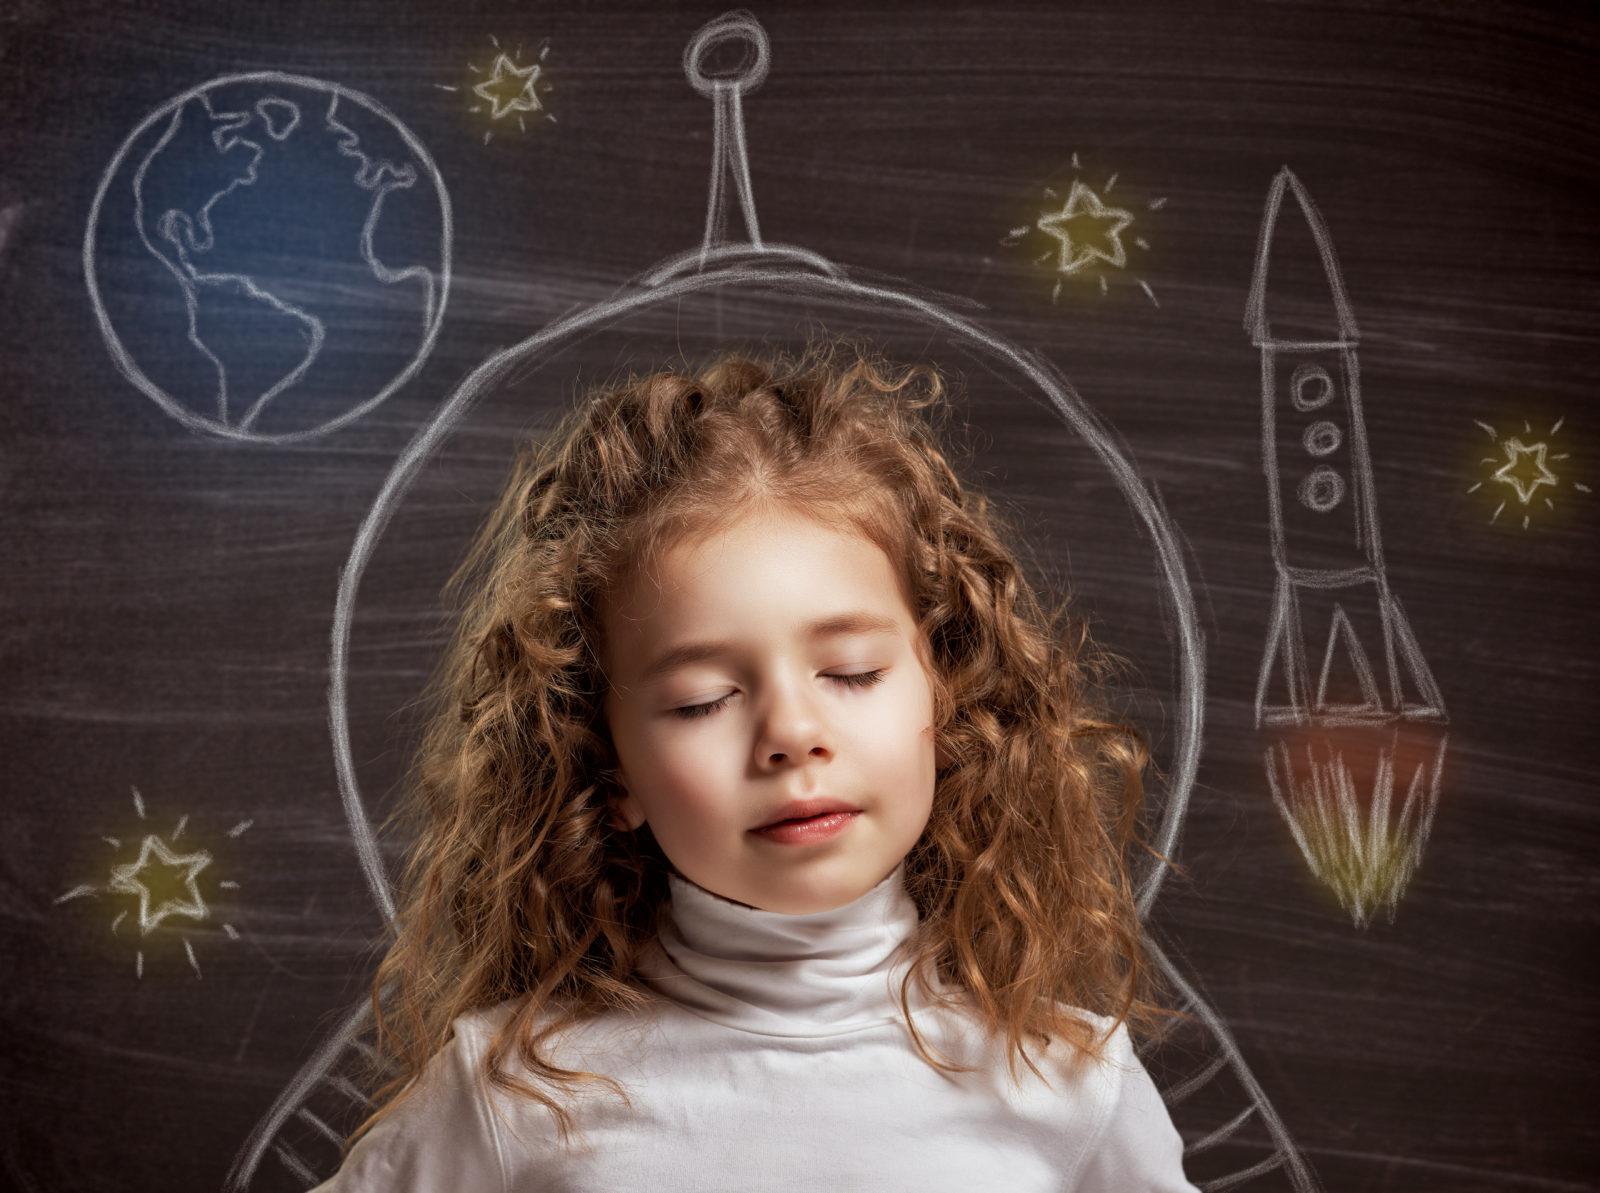 Позитивный настрой поможет освободить мышление от штампов и шаблонов